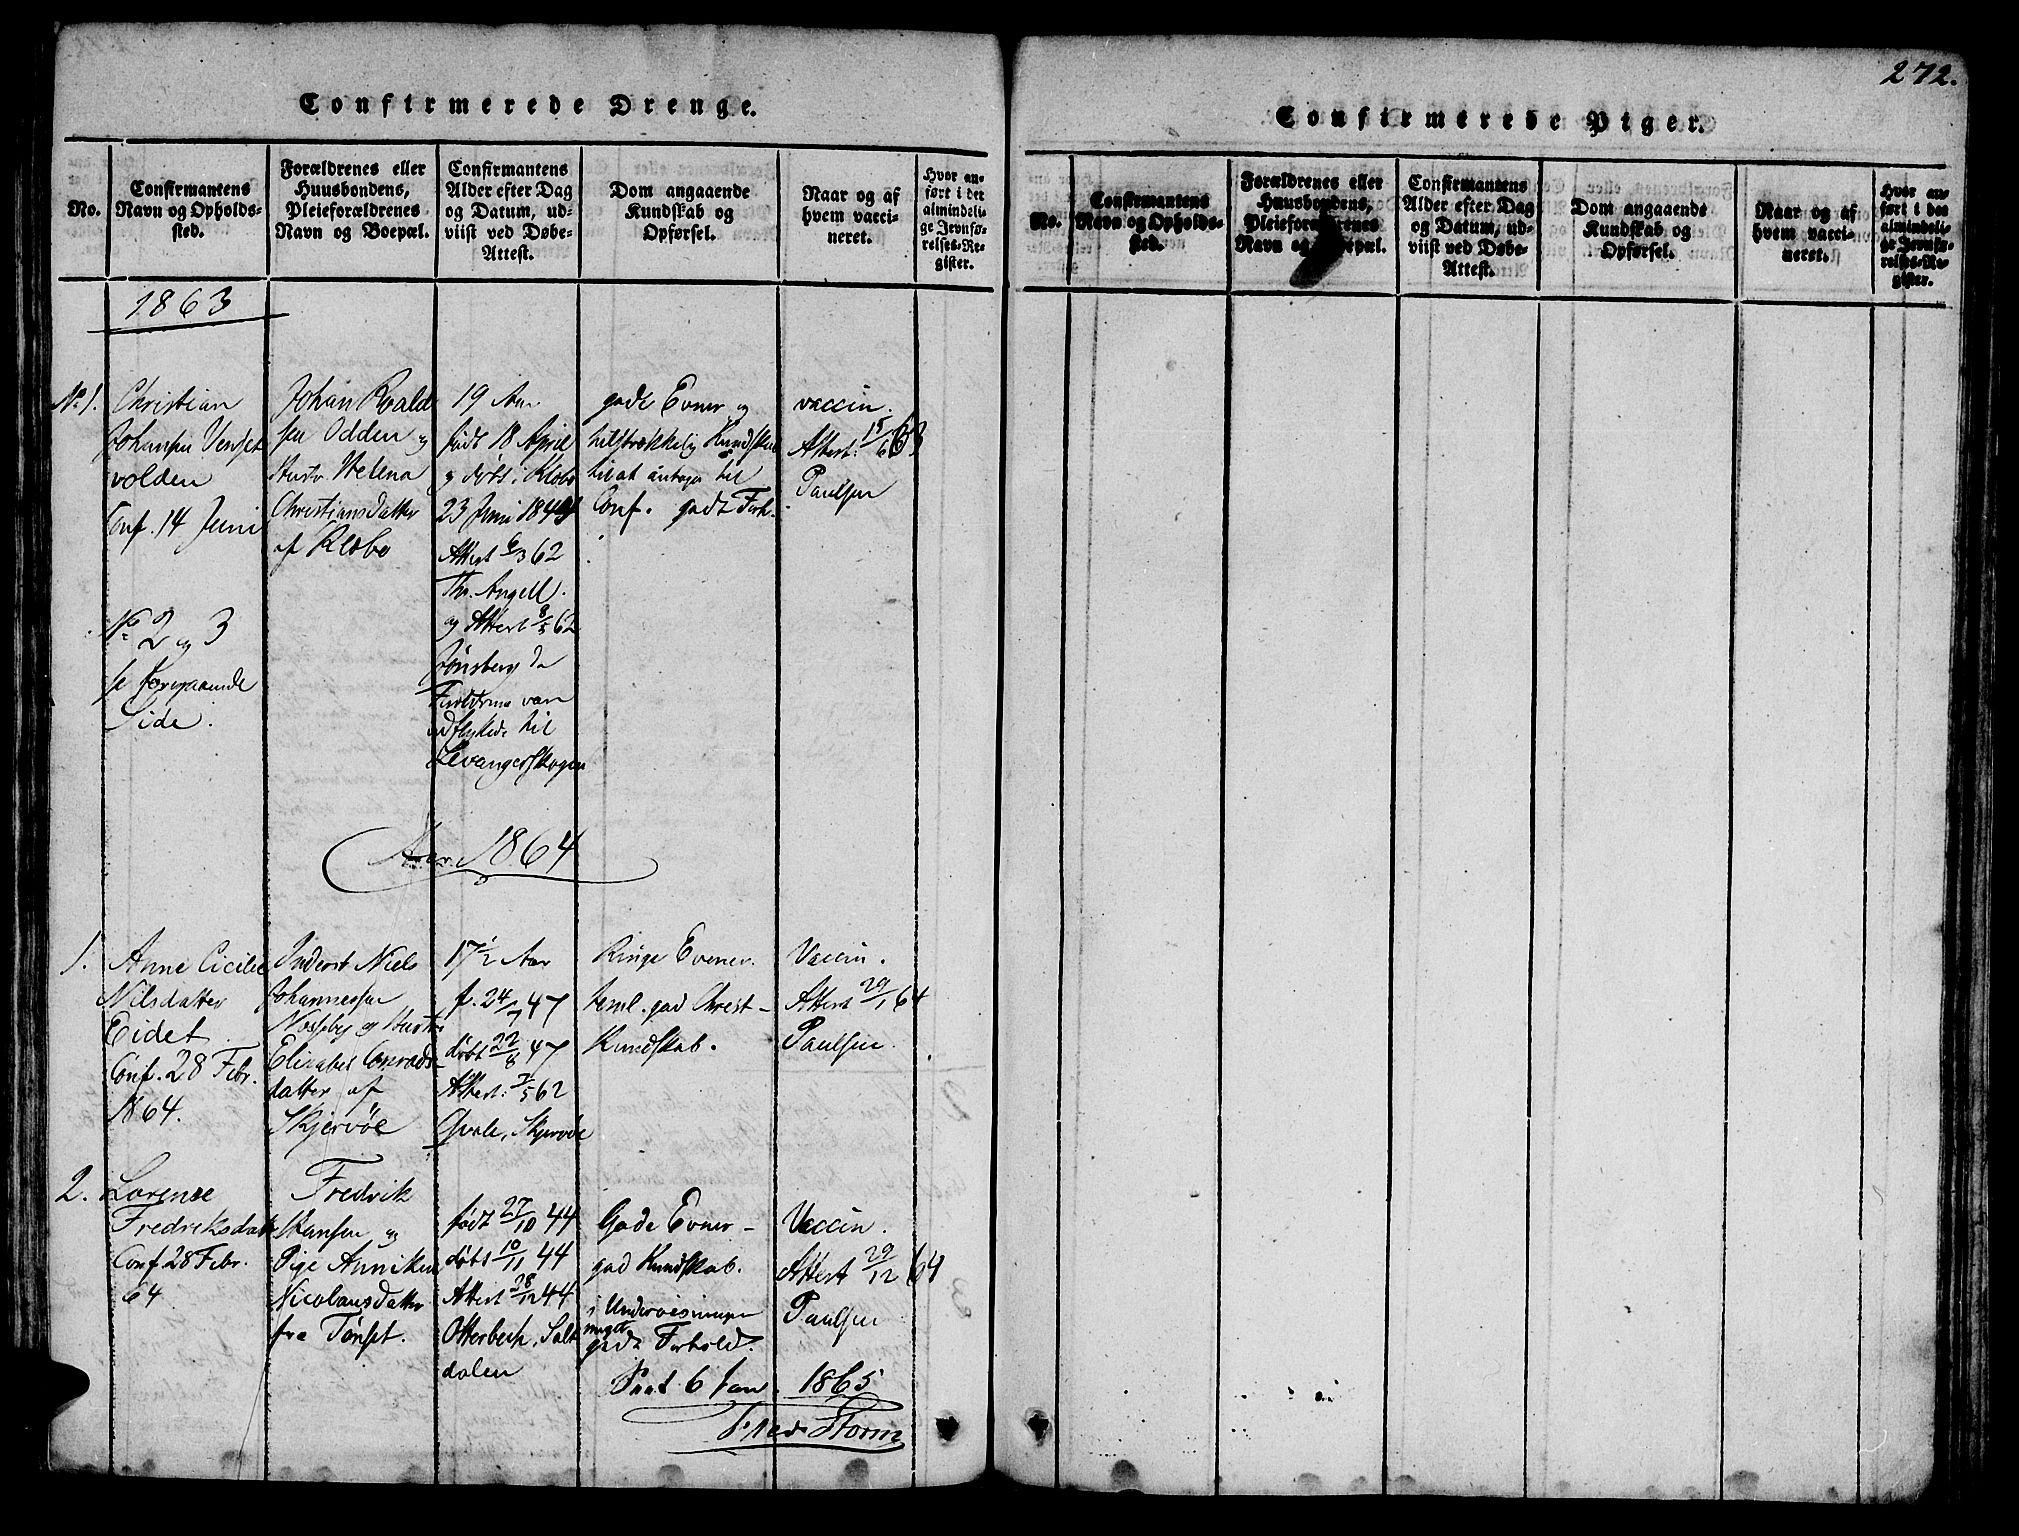 SAT, Ministerialprotokoller, klokkerbøker og fødselsregistre - Sør-Trøndelag, 623/L0478: Klokkerbok nr. 623C01, 1815-1873, s. 272